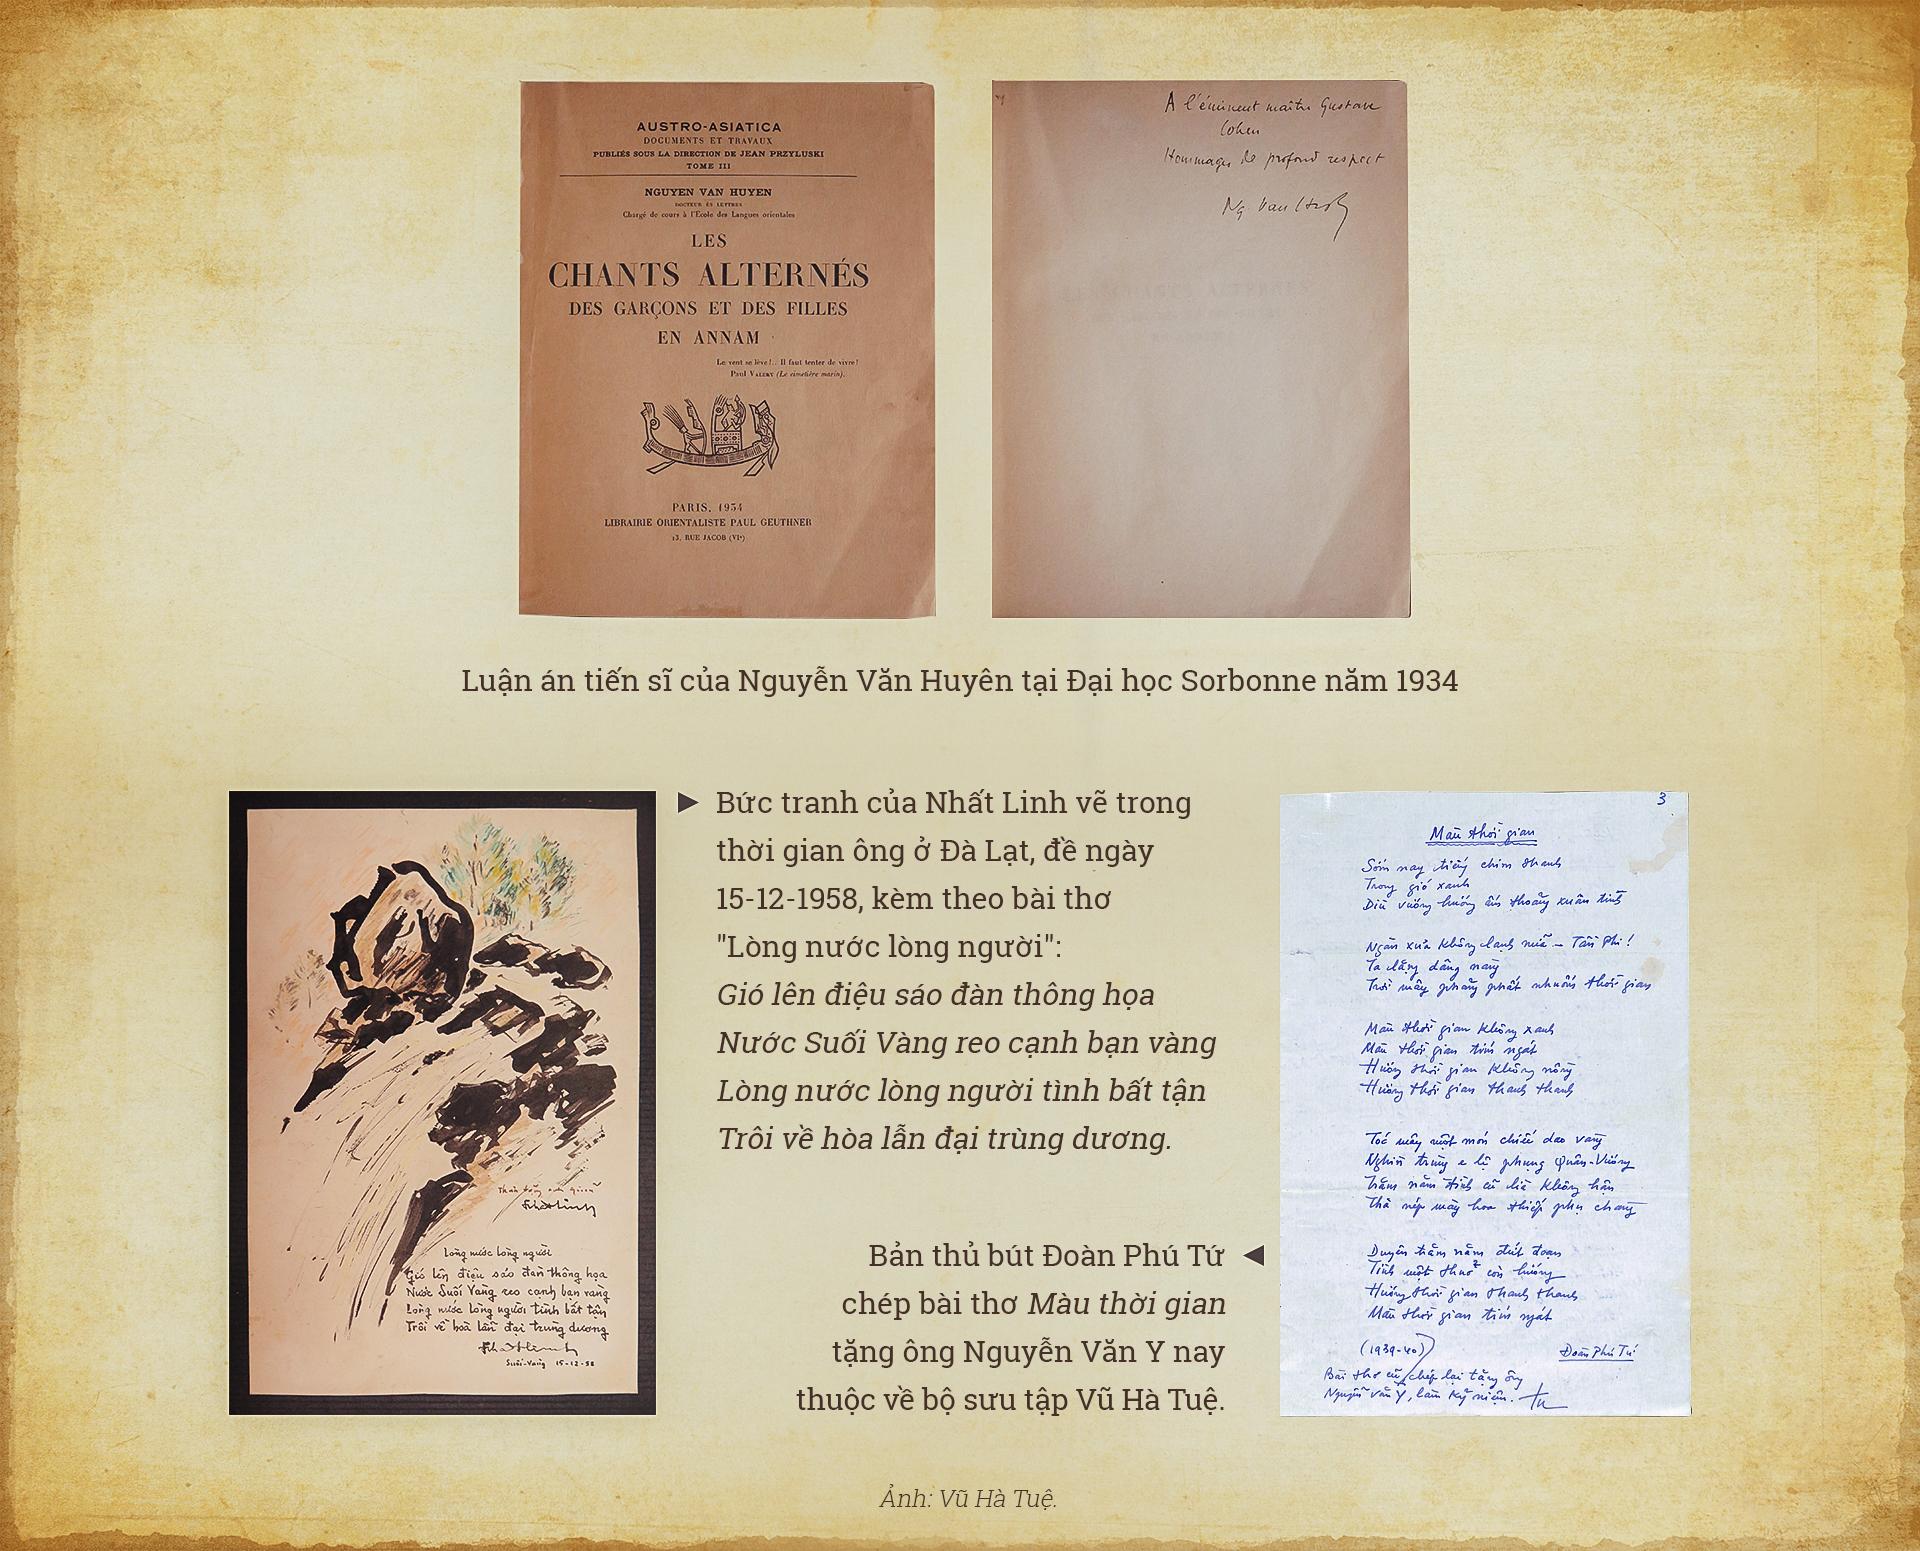 Sách quý hiếm của những nhà sưu tập khủng ở Sài Gòn - Ảnh 6.